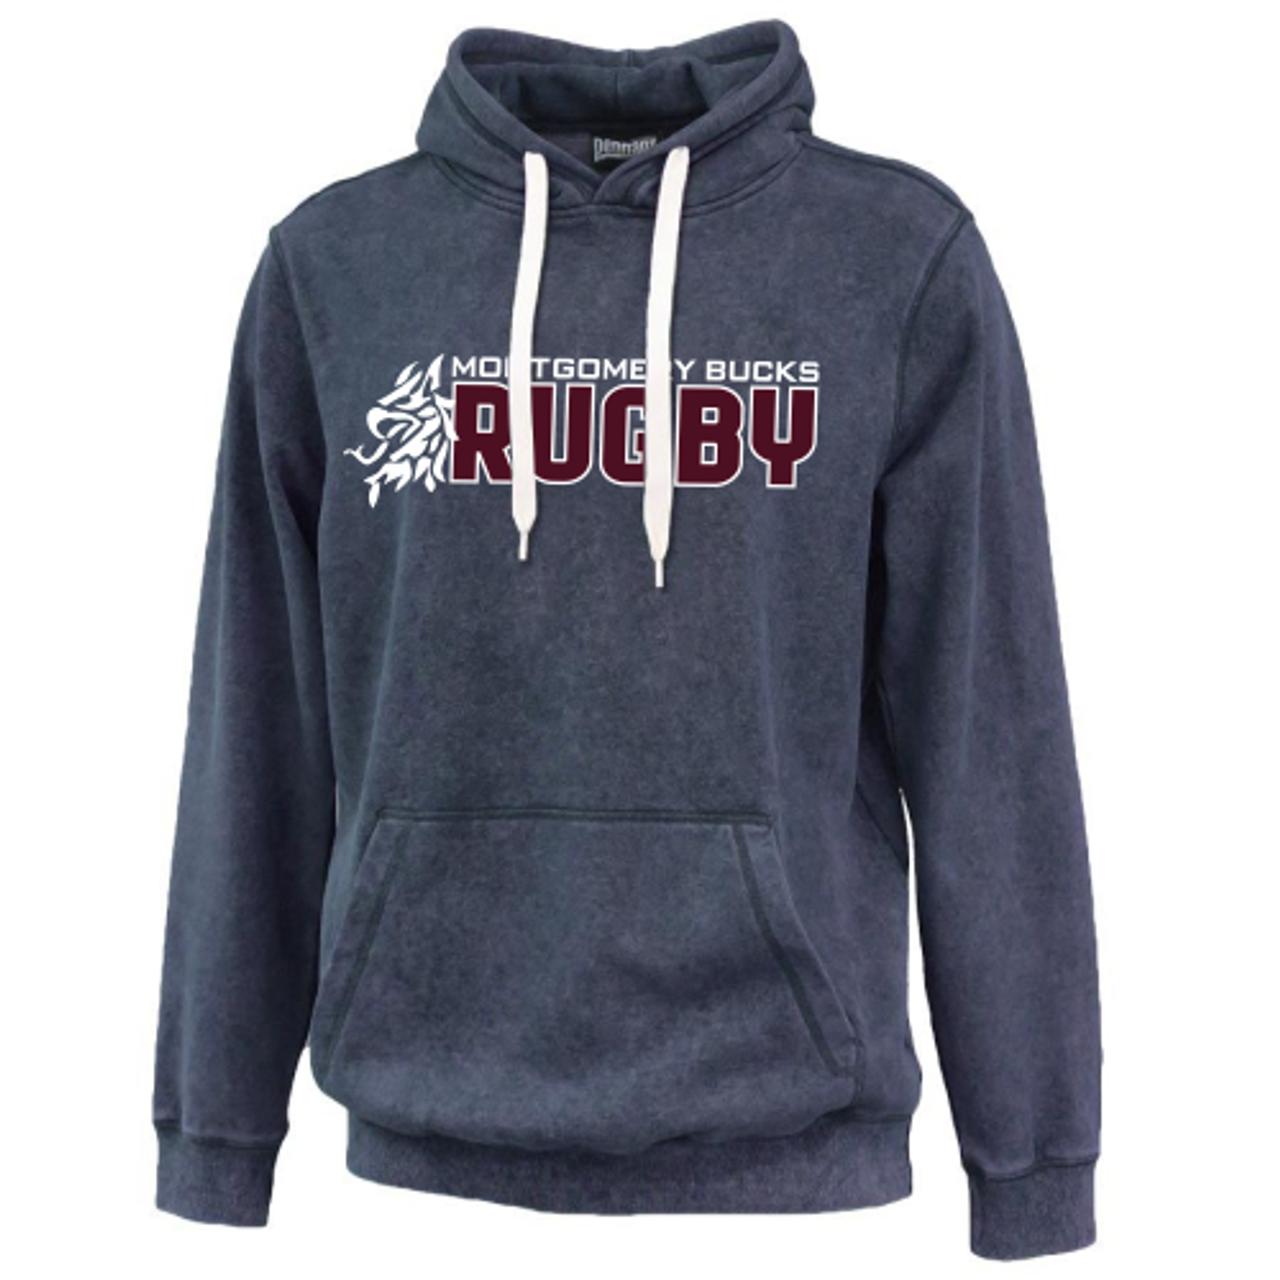 MB Rugby Sandwashed Hoodie